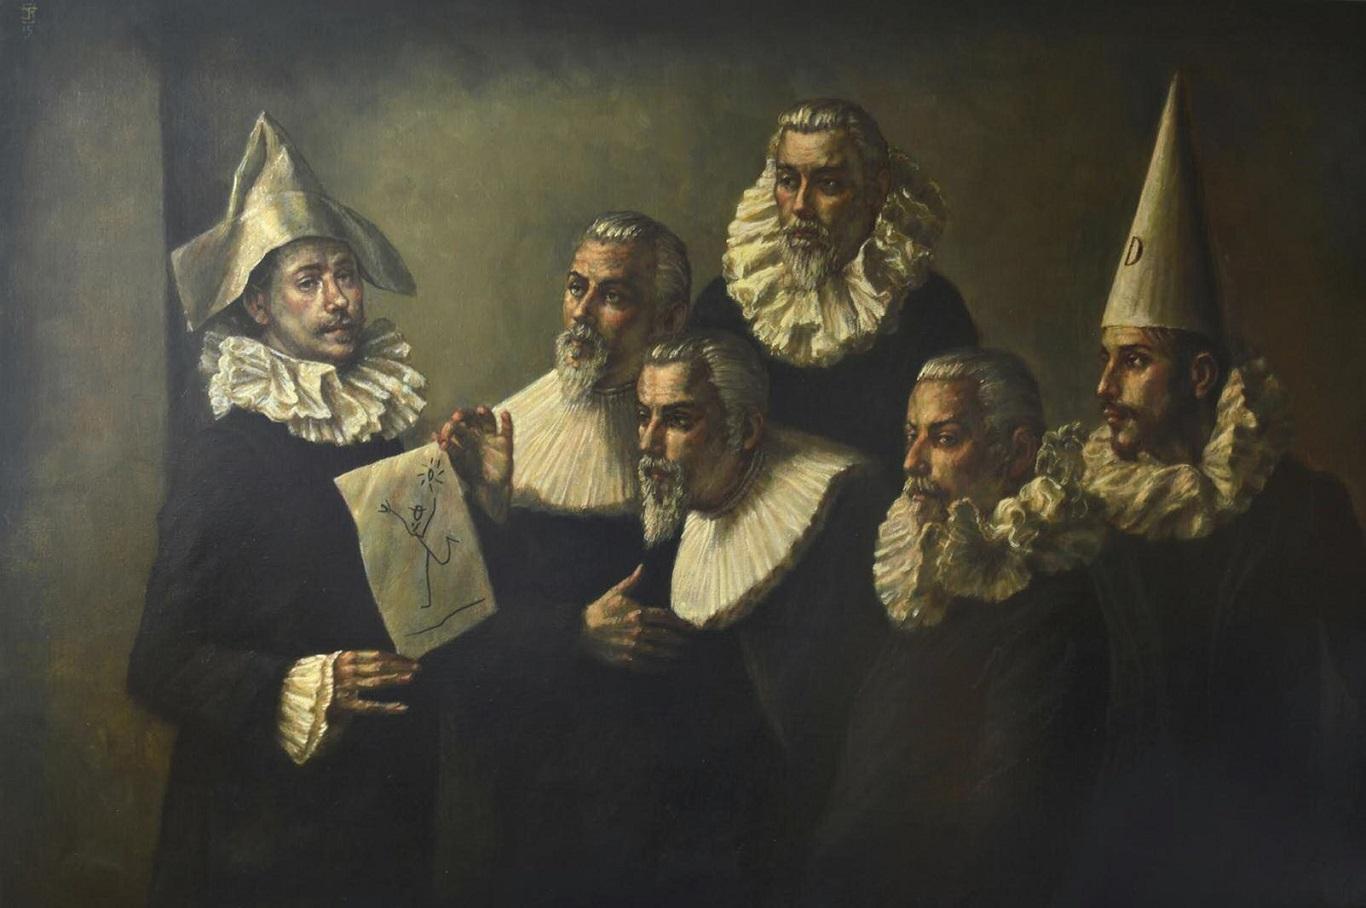 Jake BADDELEY, Lekcja malarstwa, olej na płótnie, 130x195 cm, 2013